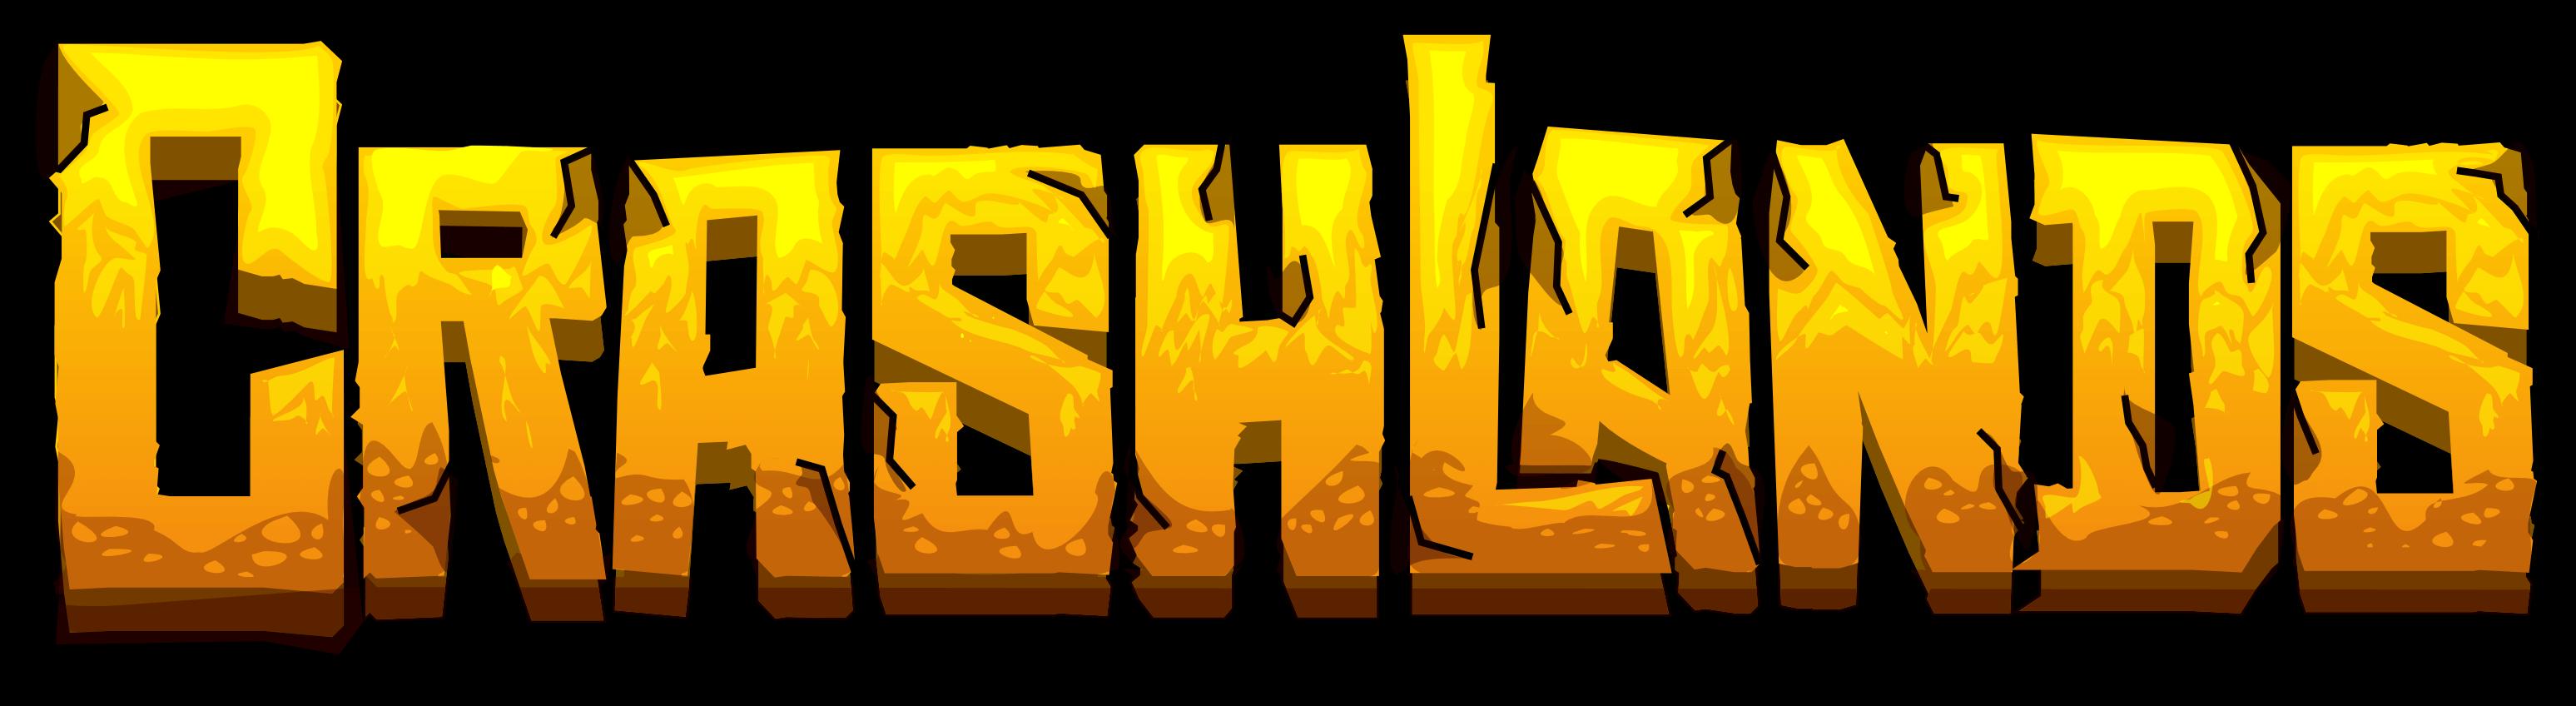 Crashlands - Game Android Terbaik Tanpa Memerlukan Koneksi Internet